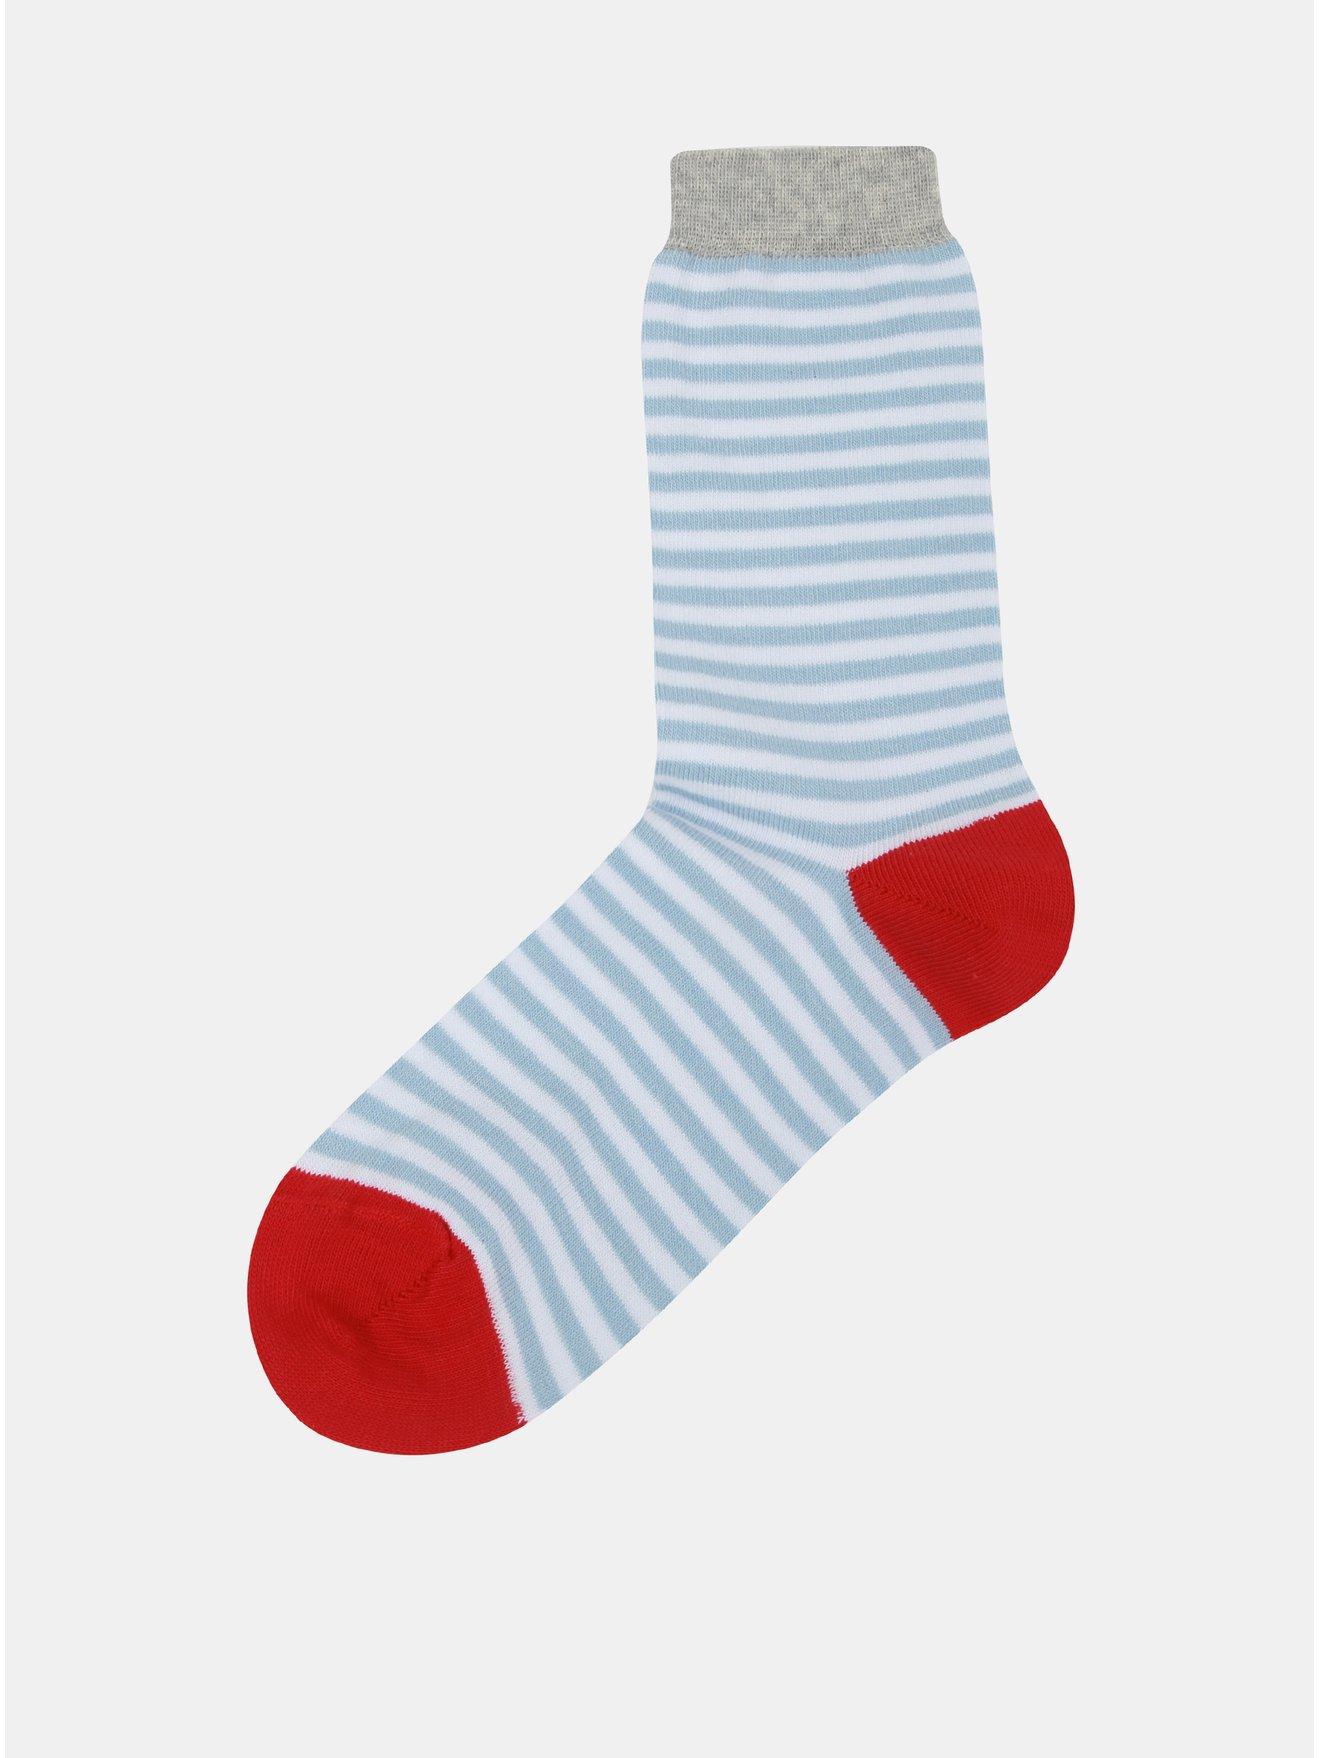 Modro-bílé dámské pruhované ponožky ZOOT 6da29ffcd9